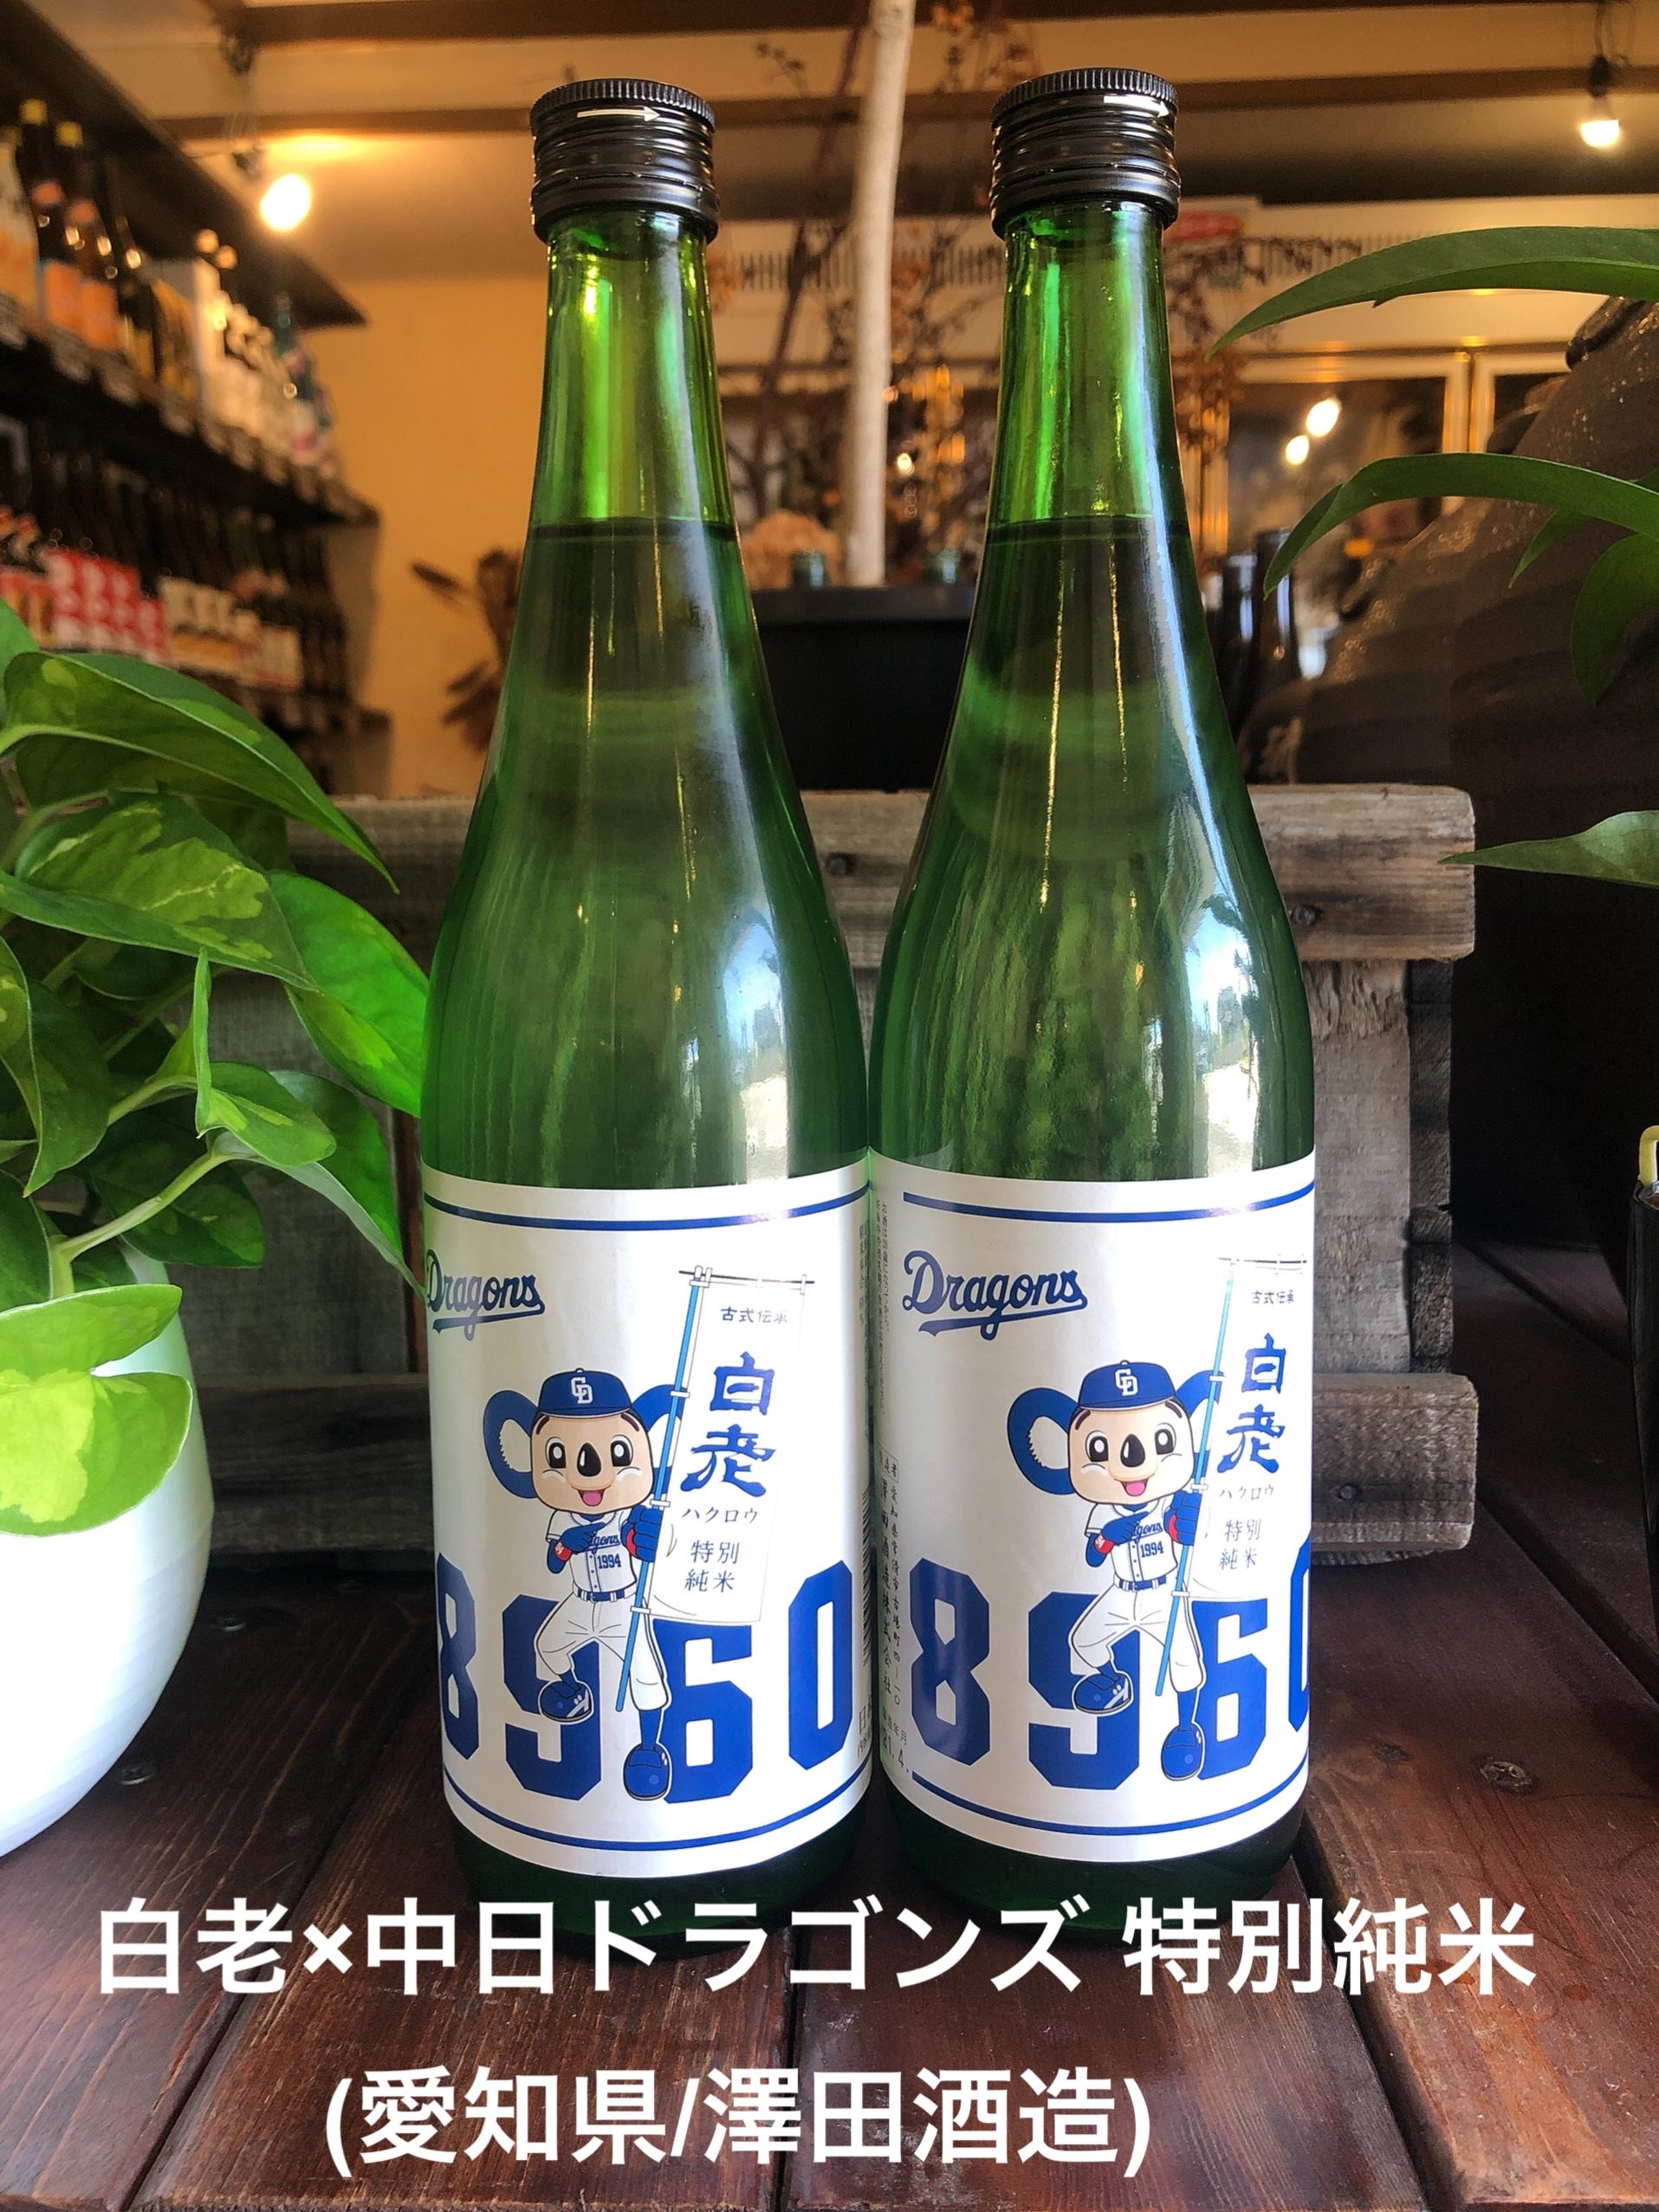 白老×中日ドラゴンズ 特別純米(愛知県/澤田酒造)